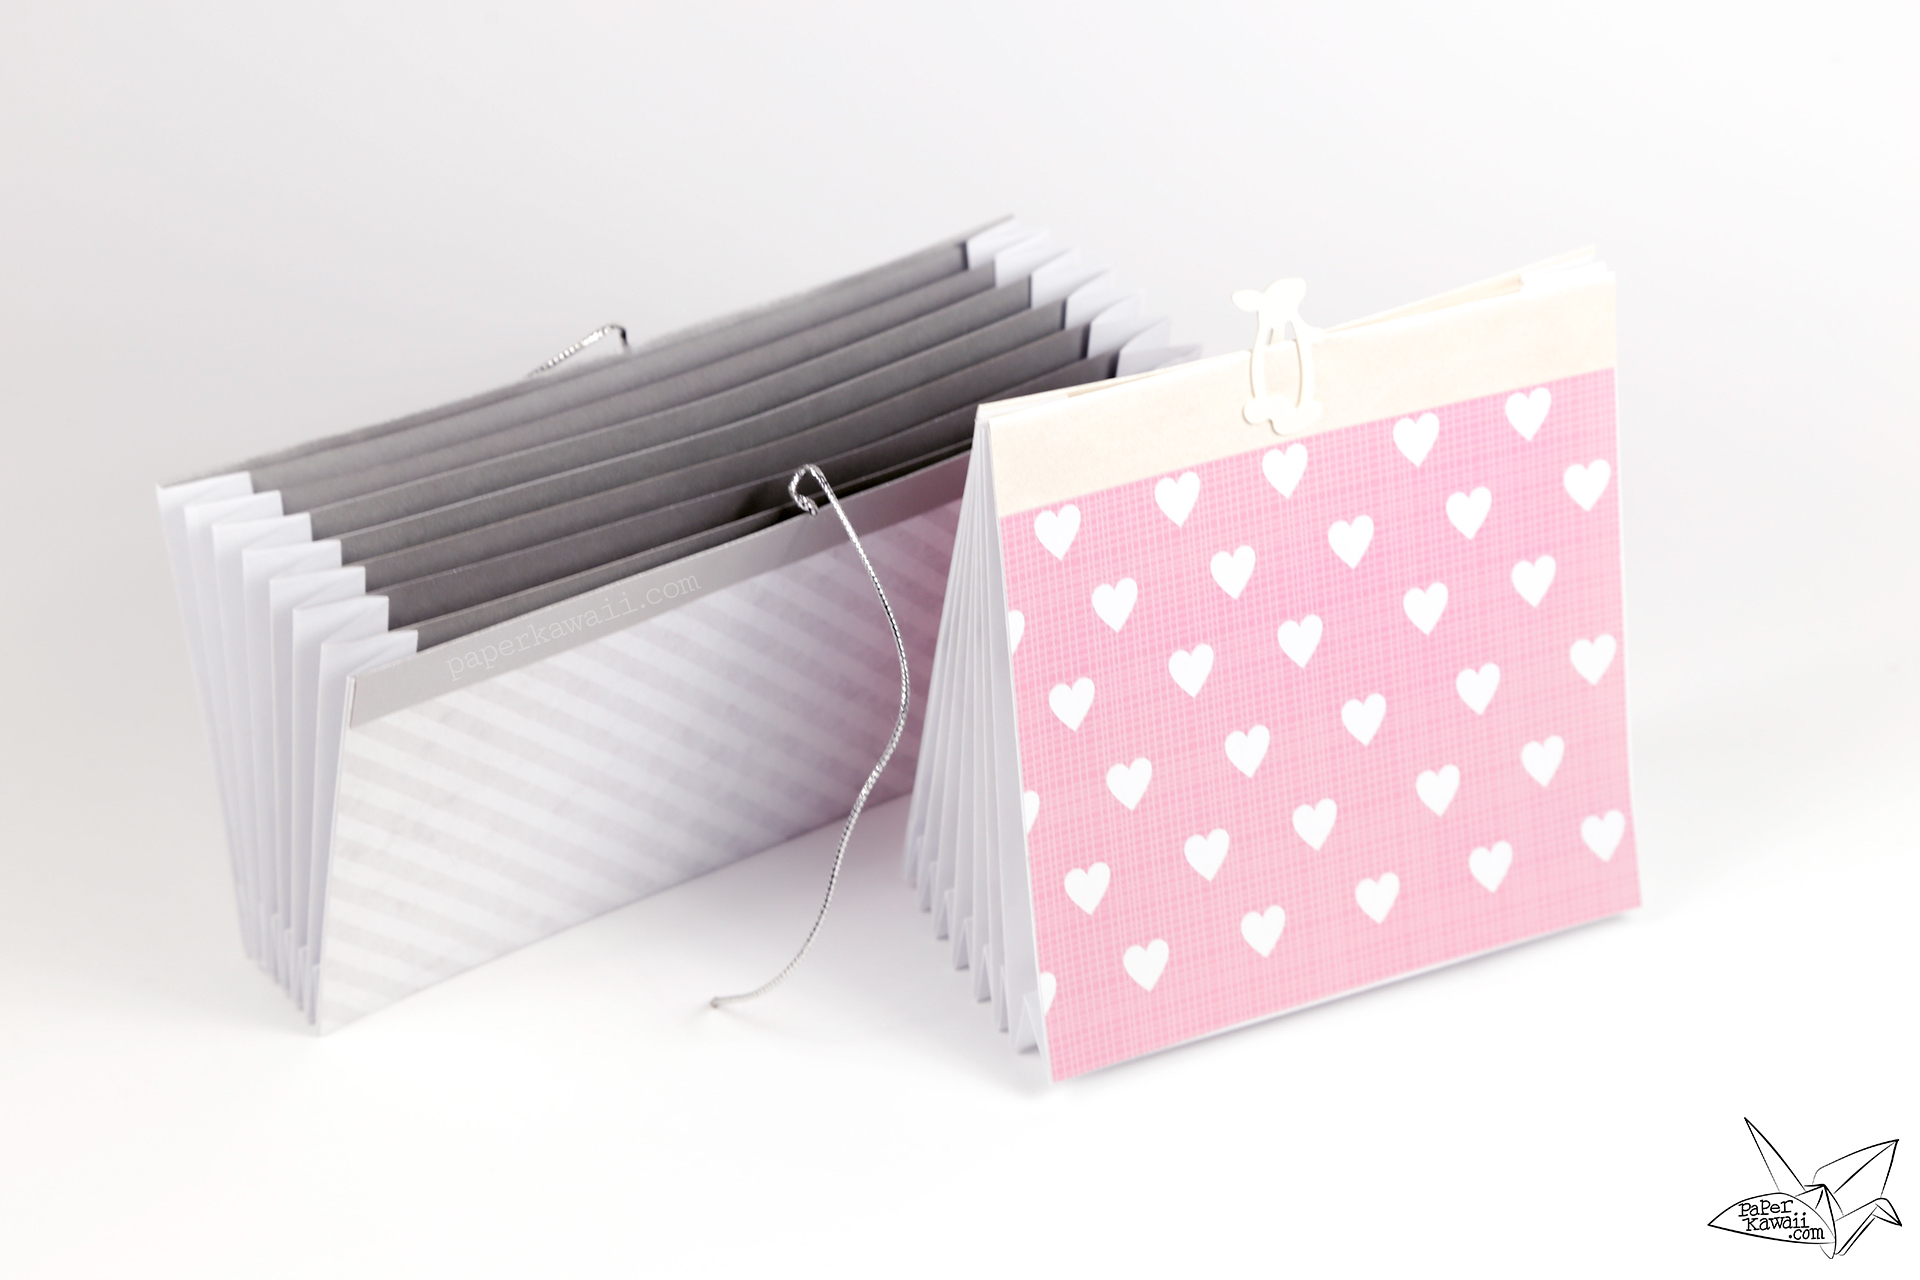 origami accordion document folder tutorial - Accordion Folder